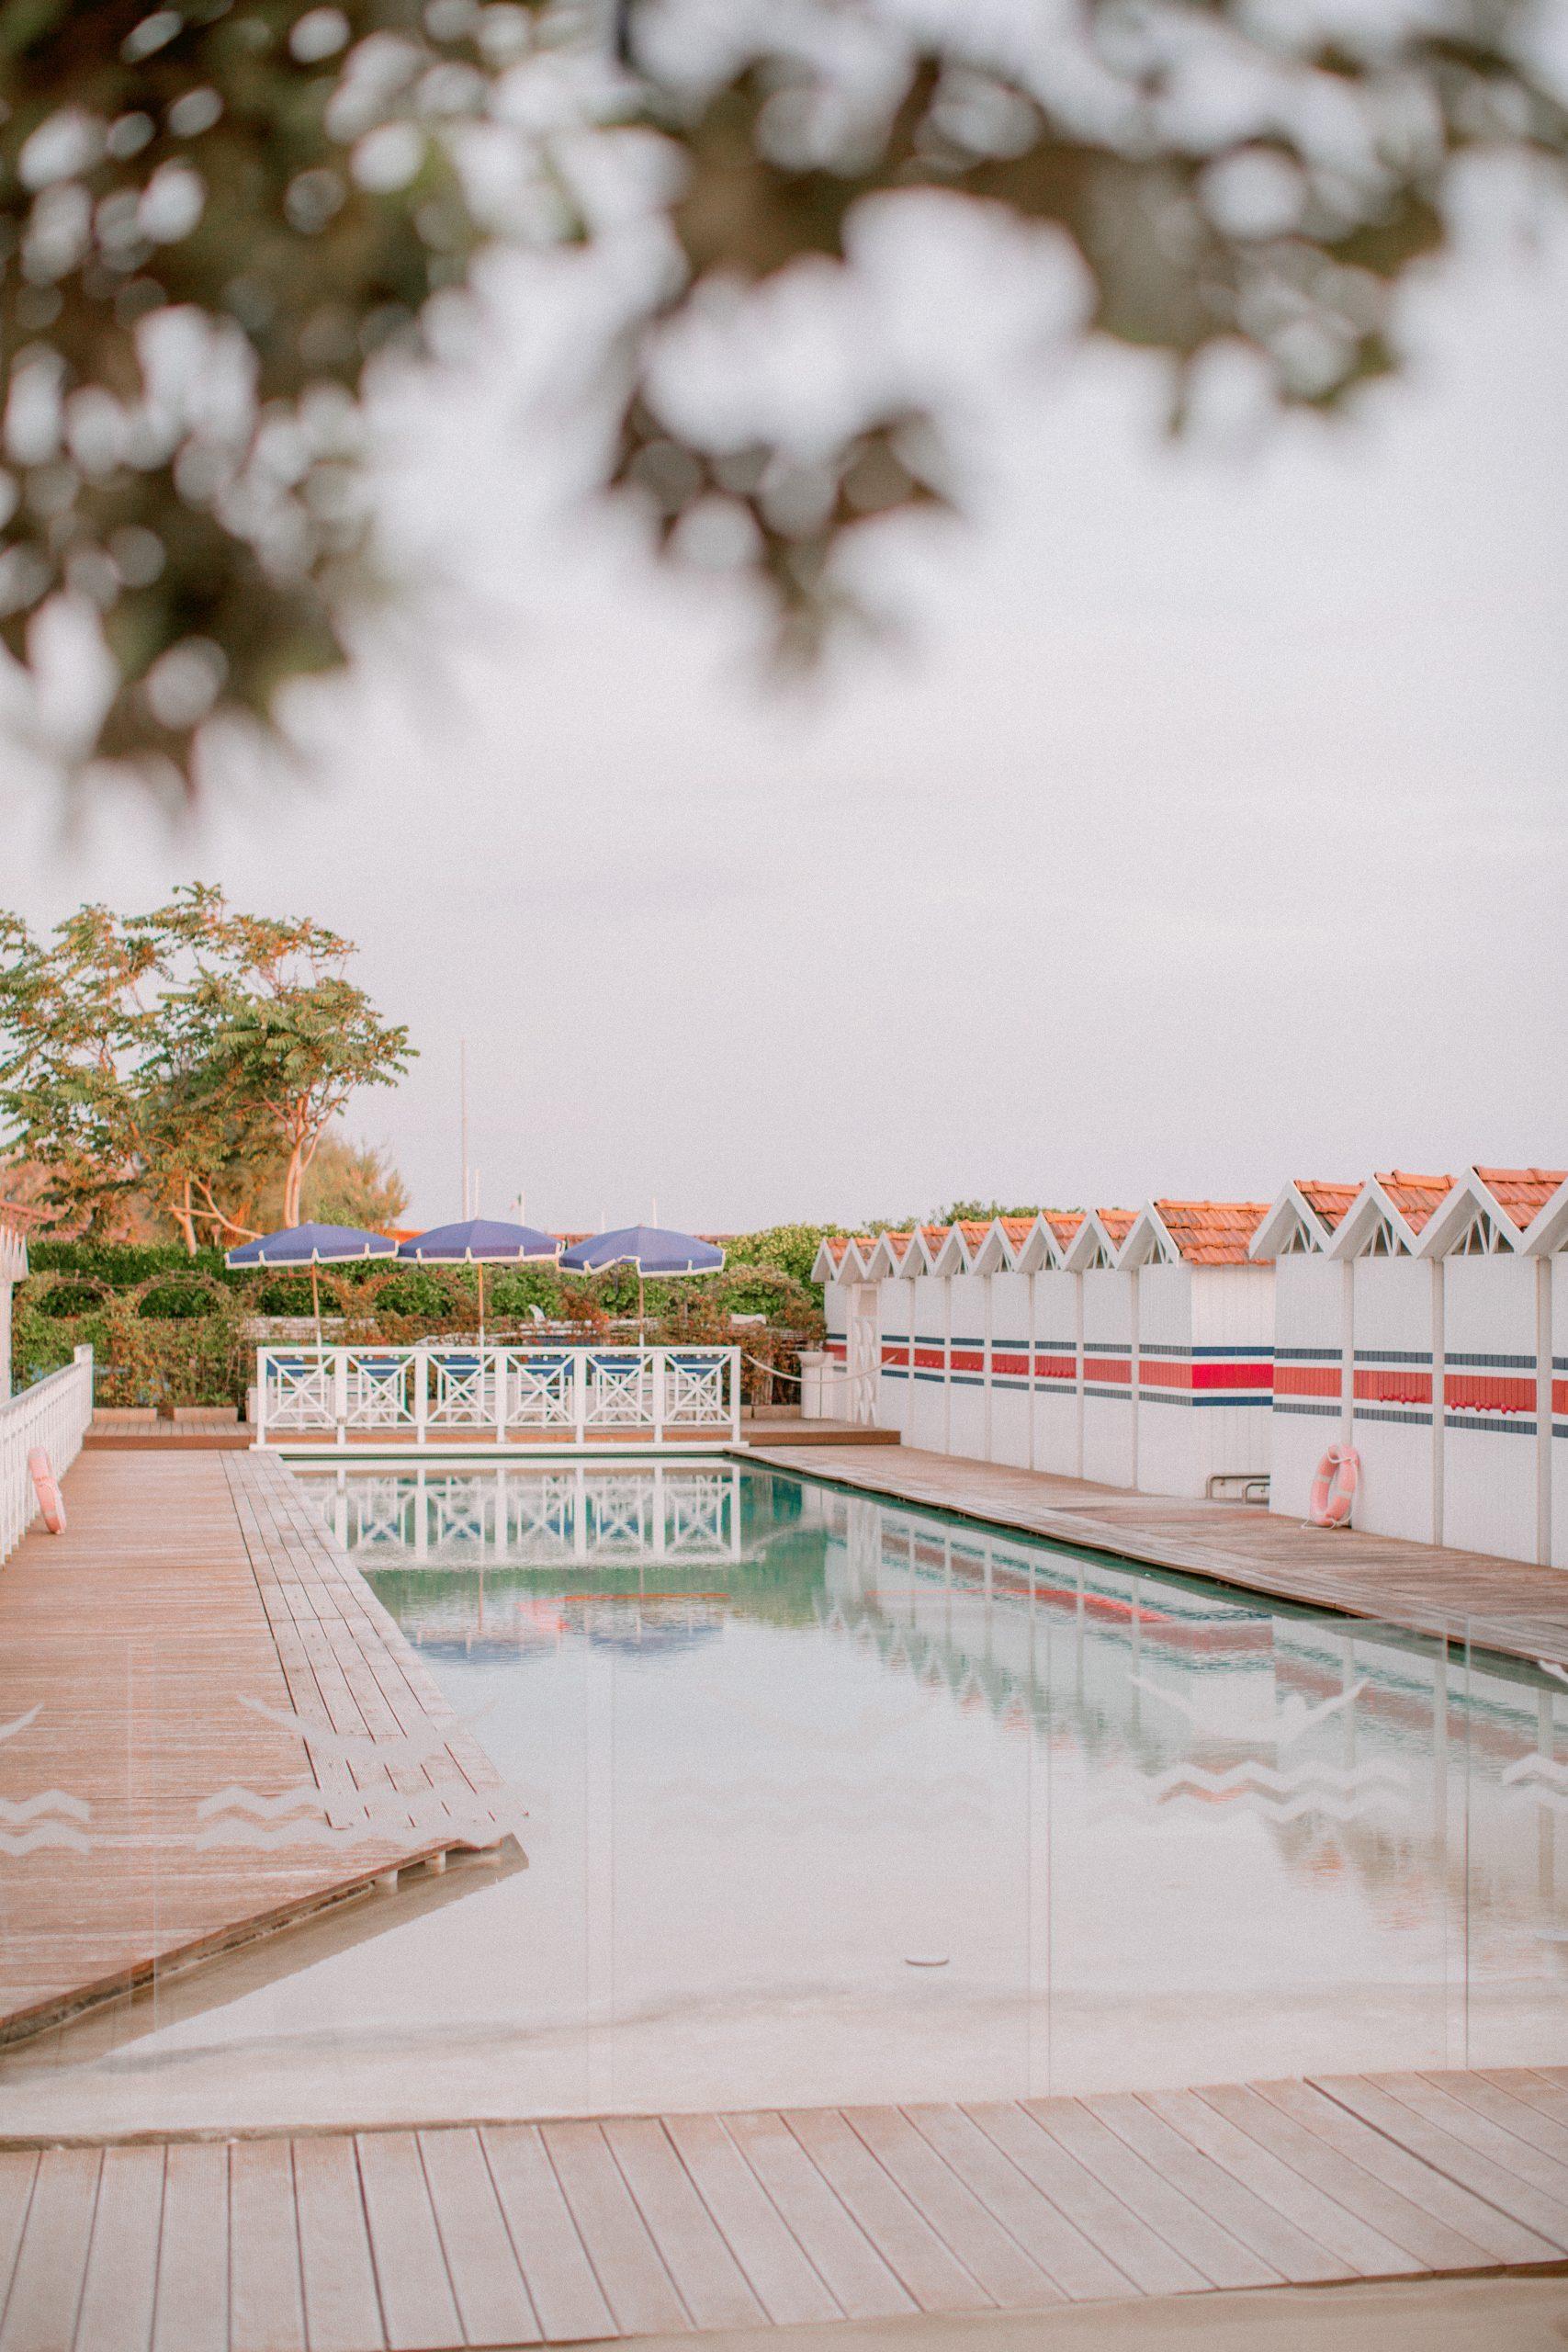 uno scorcio del bagno dell'hotel augustus a forte dei marmi